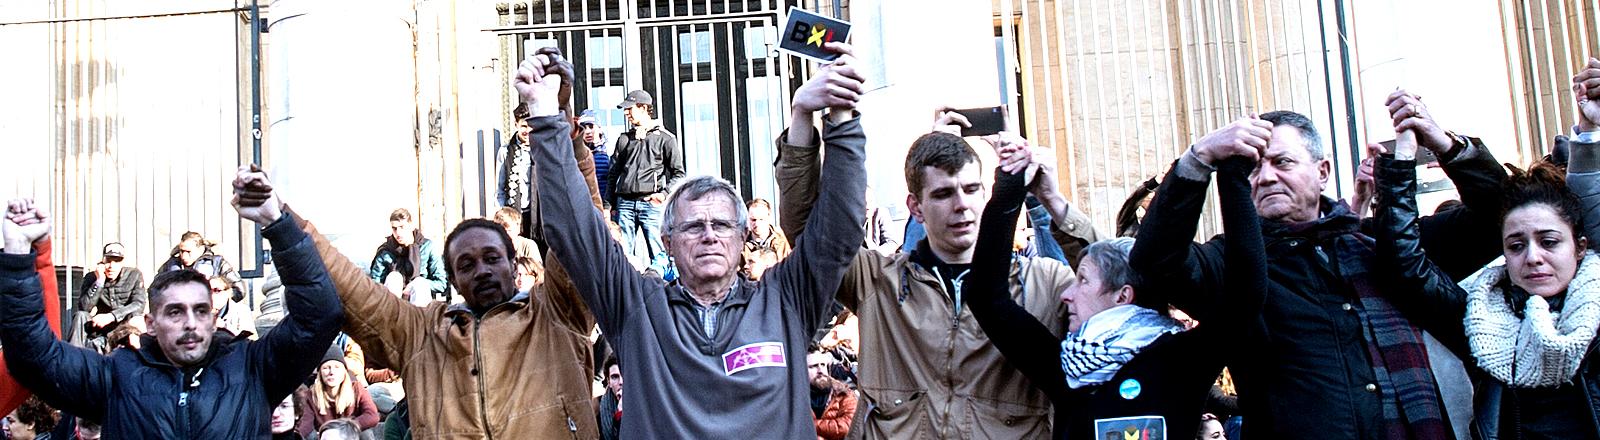 Menschen in Brüssel halten sich an den Händen